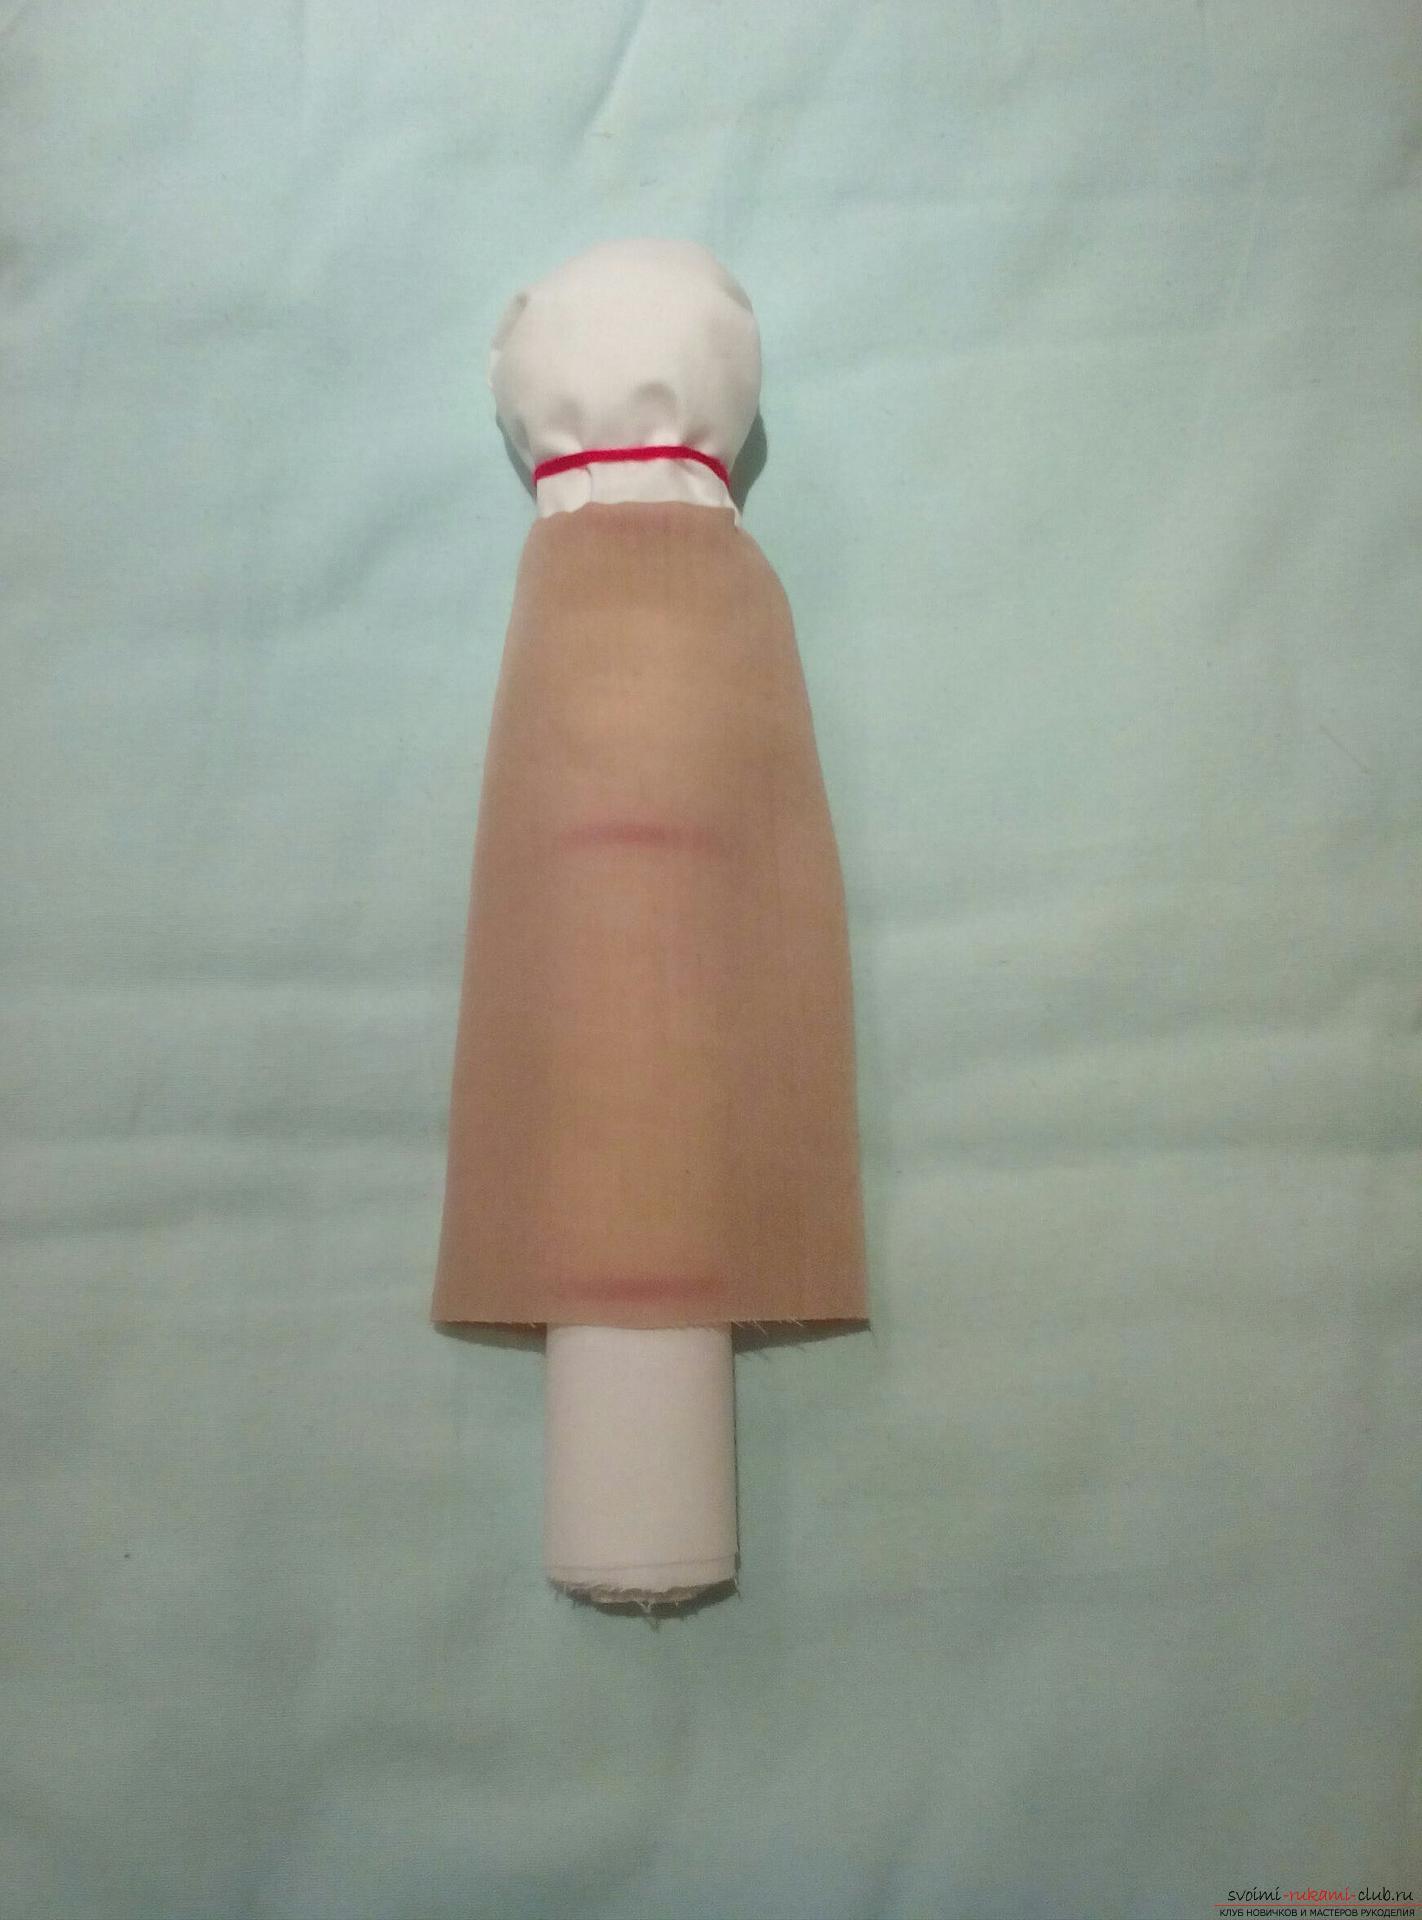 Куклы своими руками легкие способы